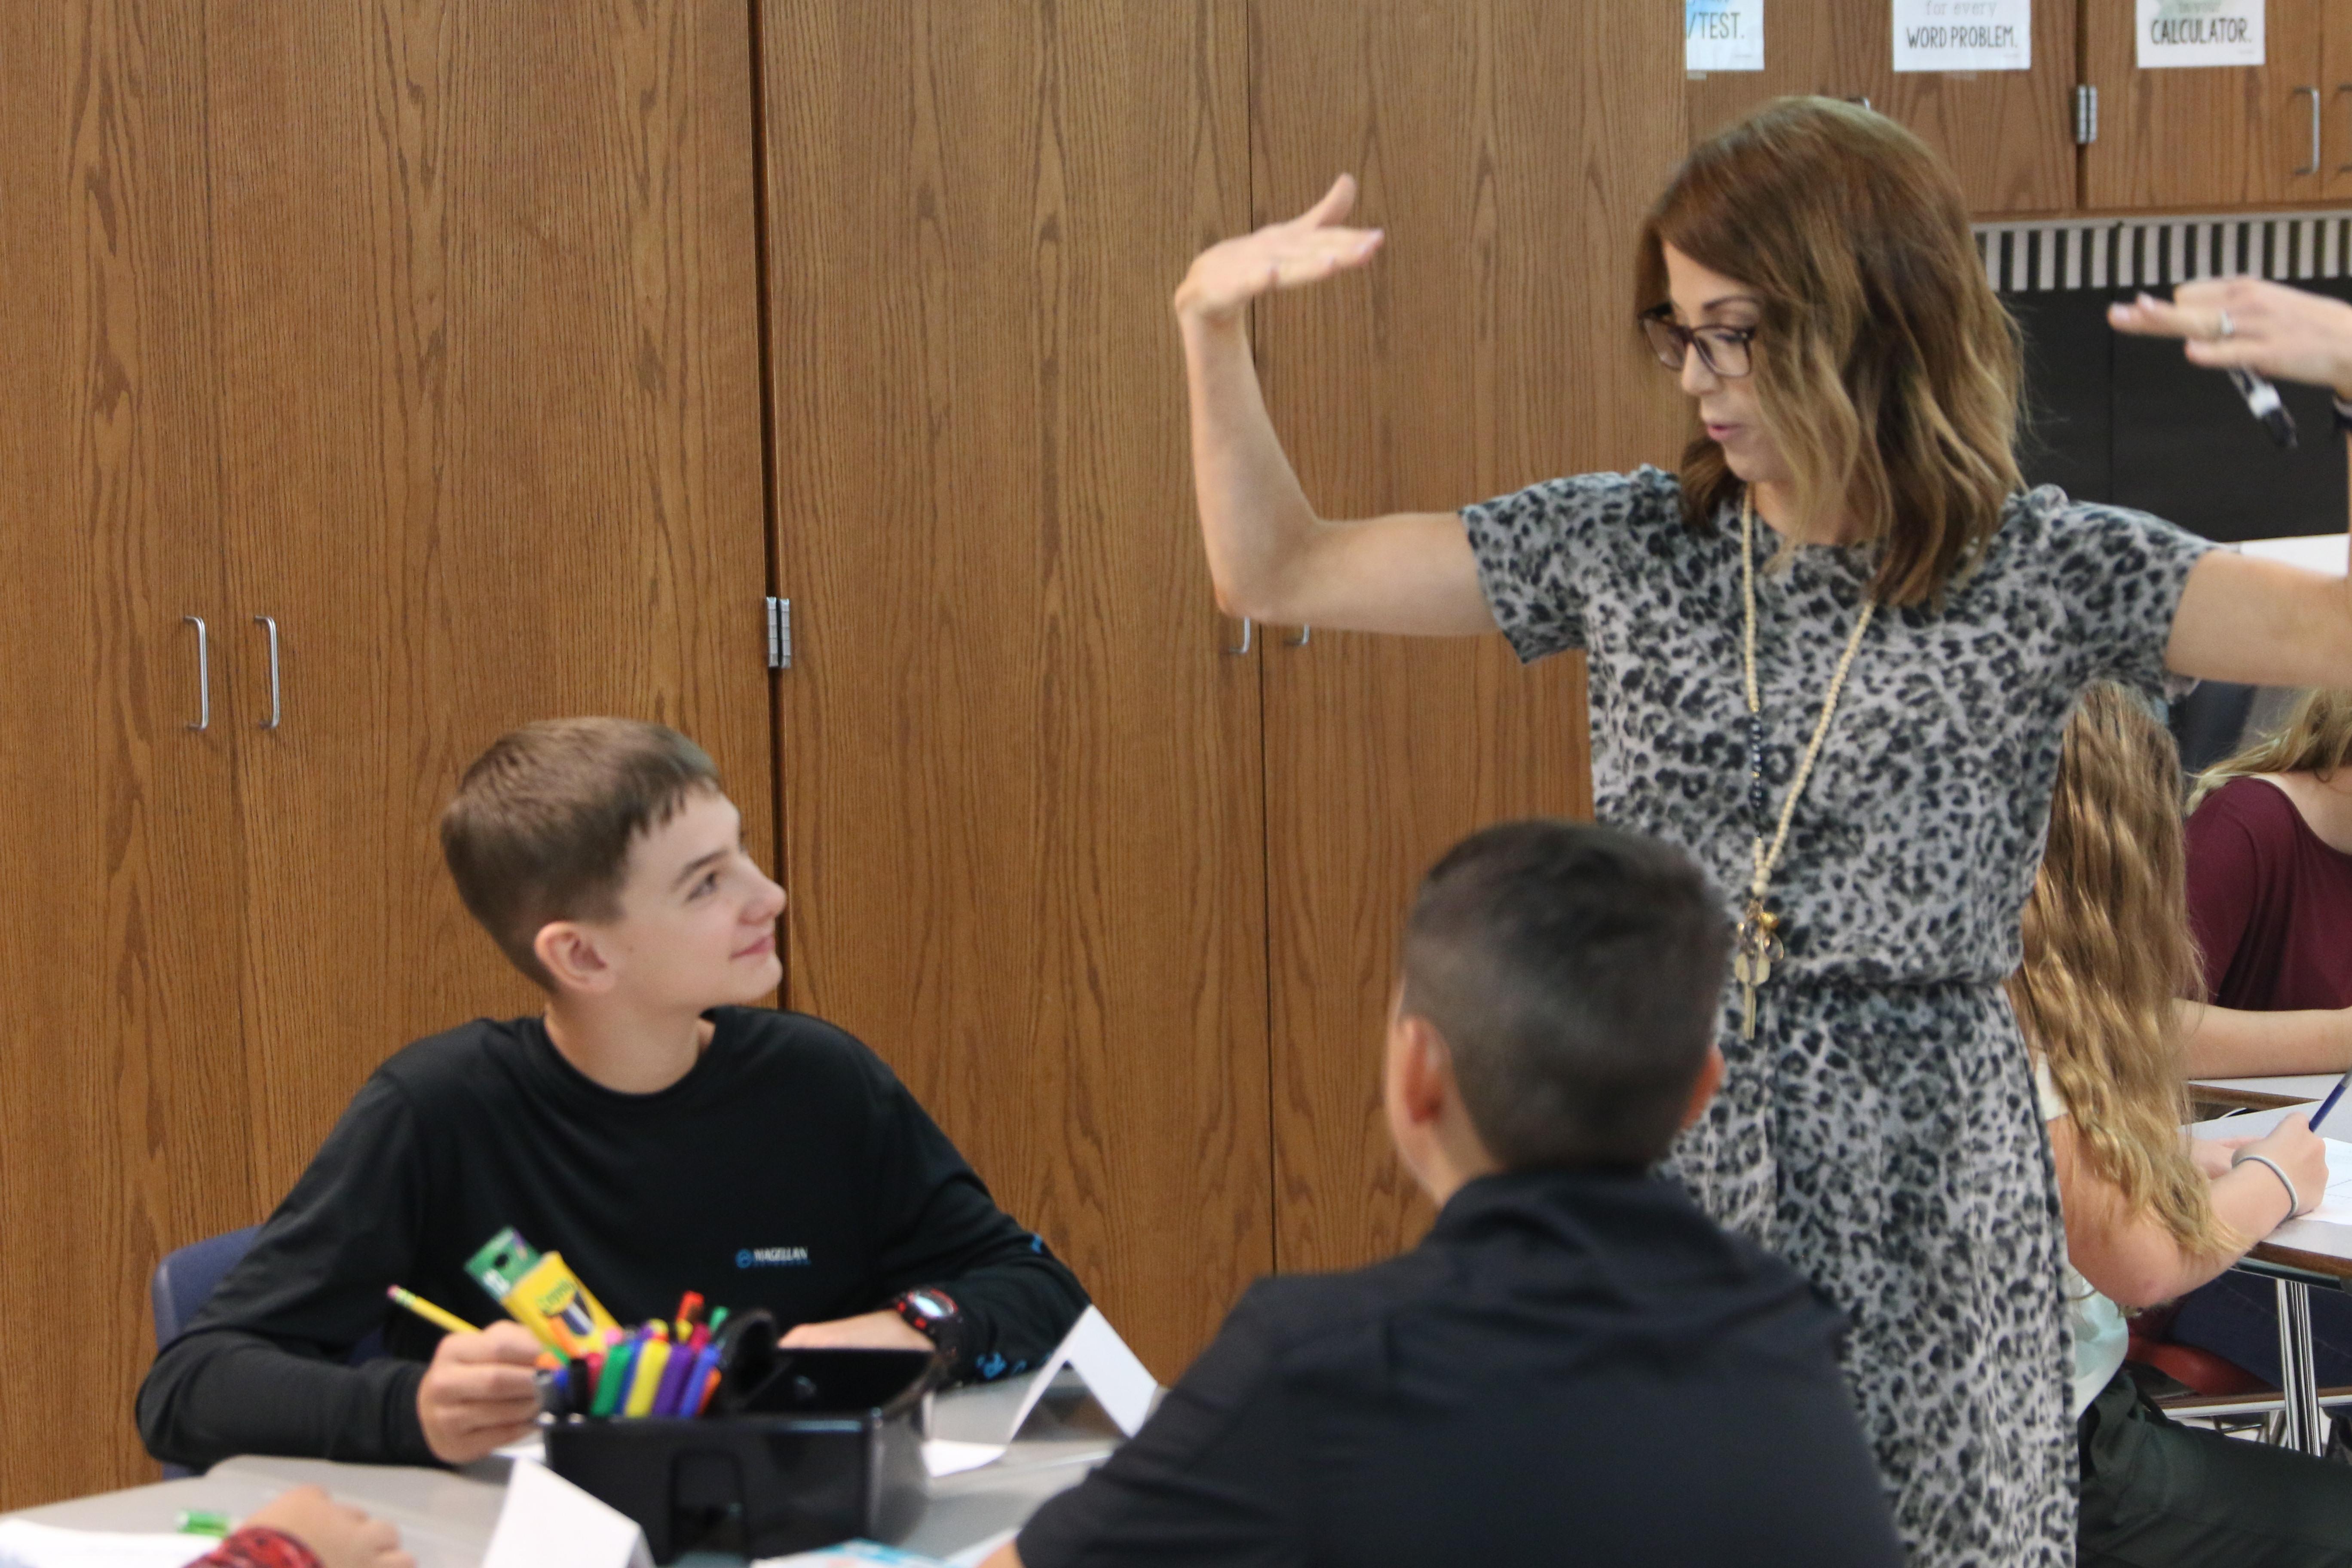 Teacher teaching boy